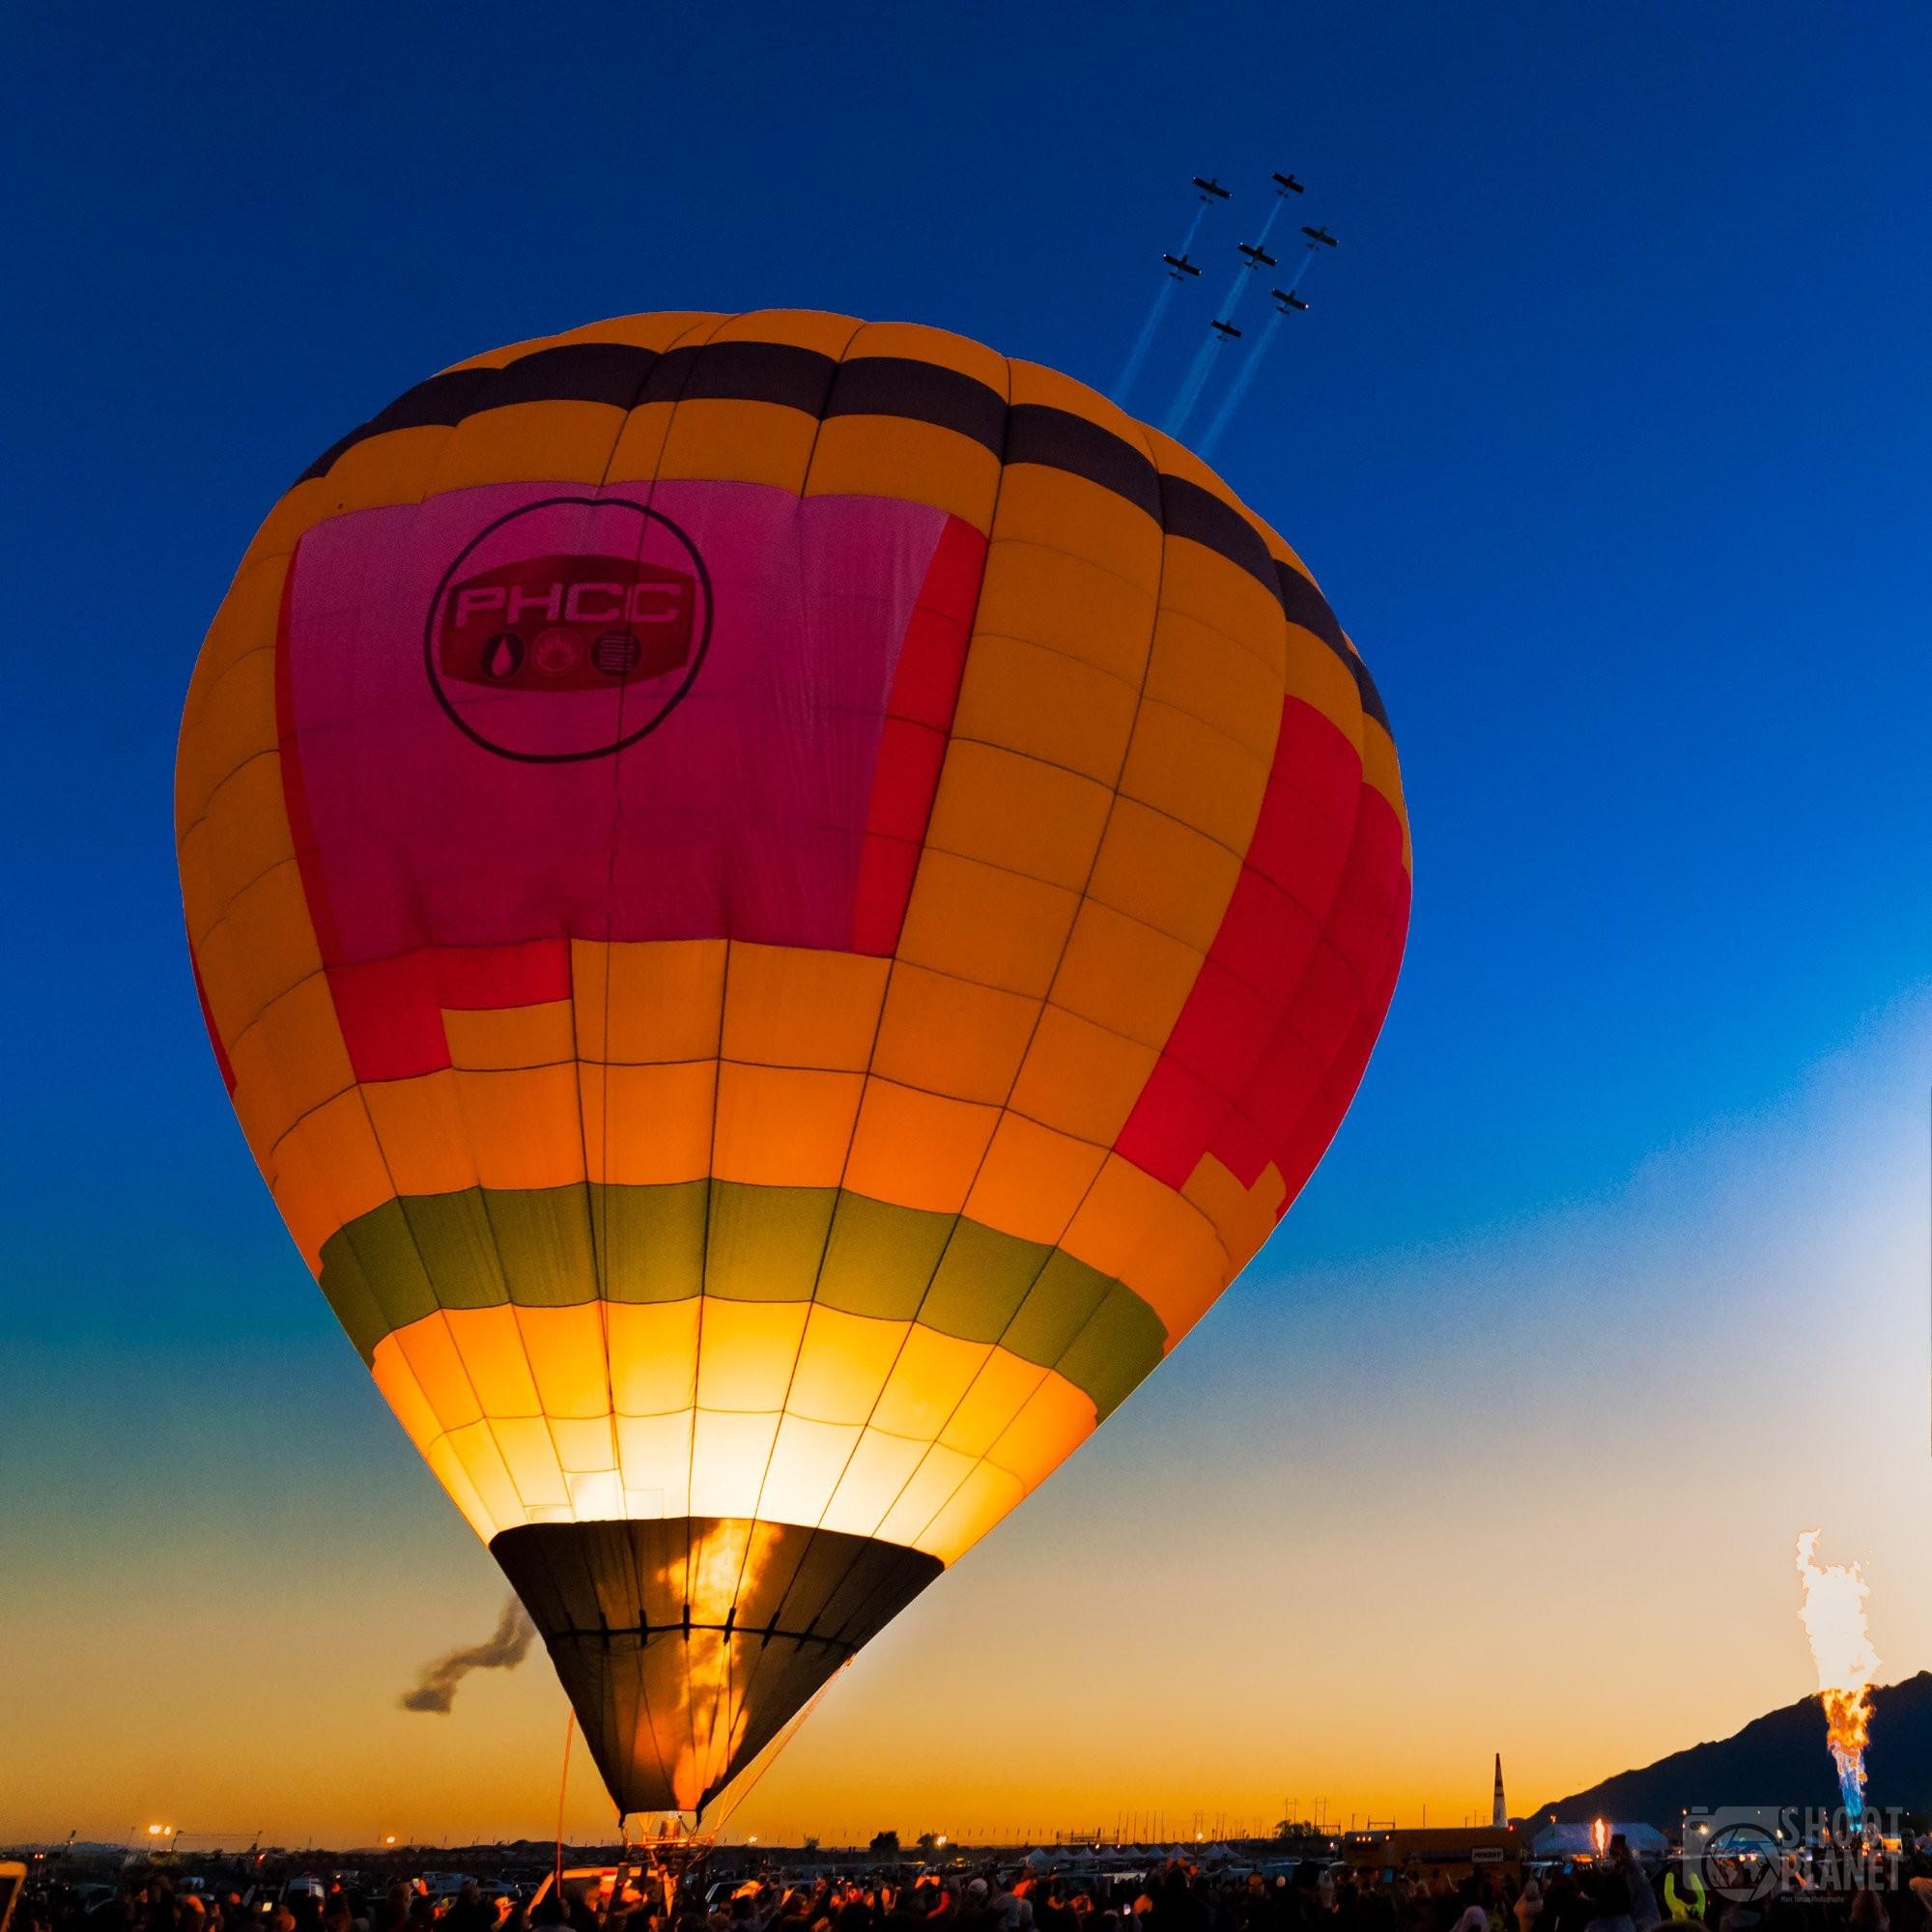 Balloon and acrobatic planes twilight, Albuquerque USA